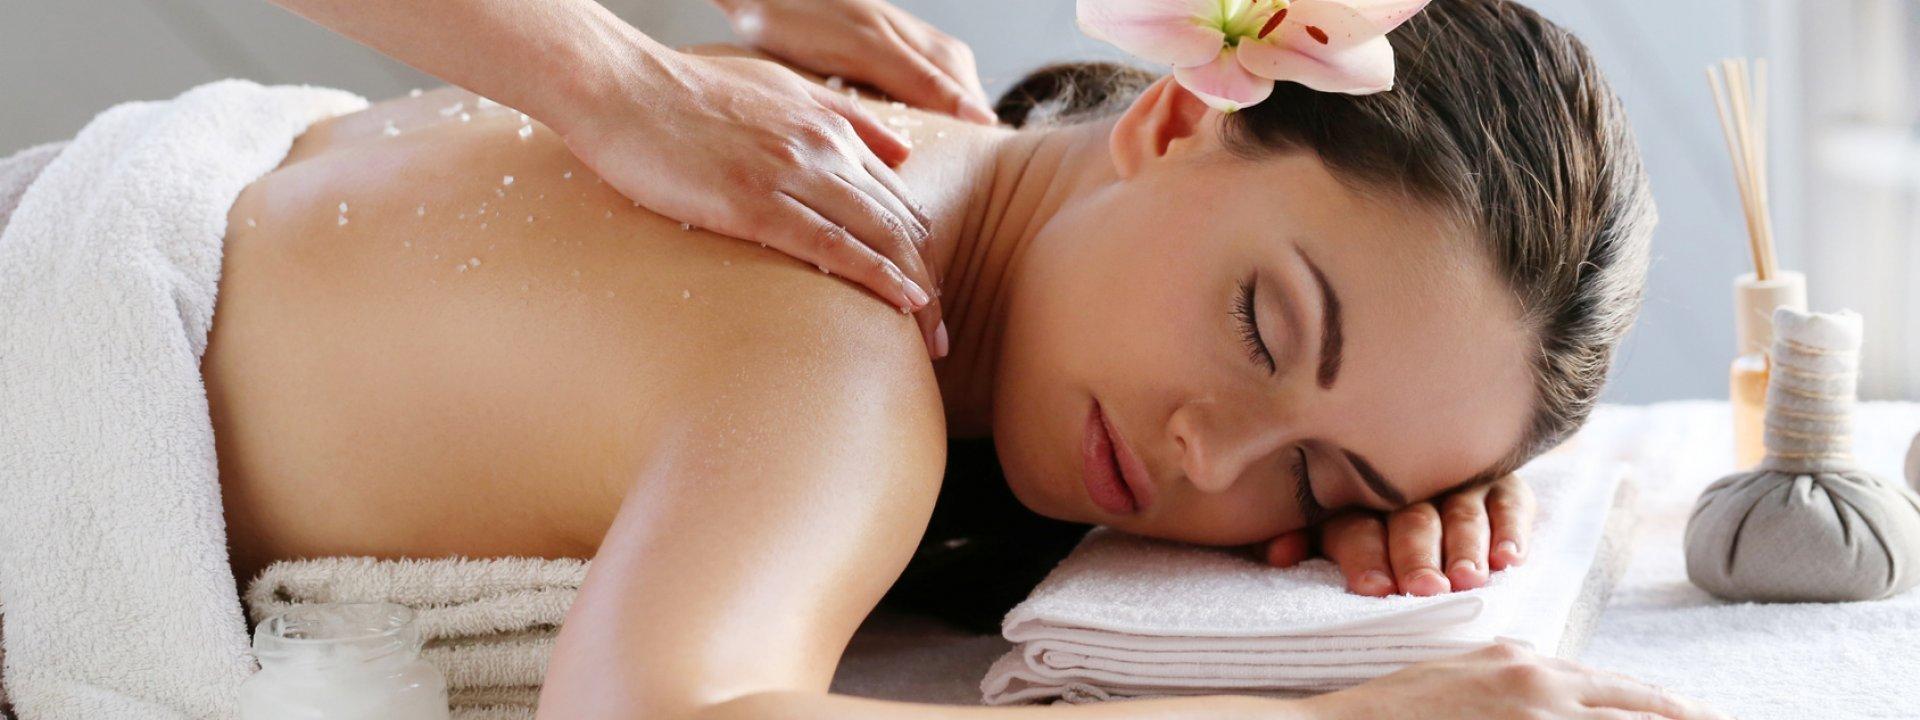 Zabiegi i rytuały pielęgnacyjne na ciało